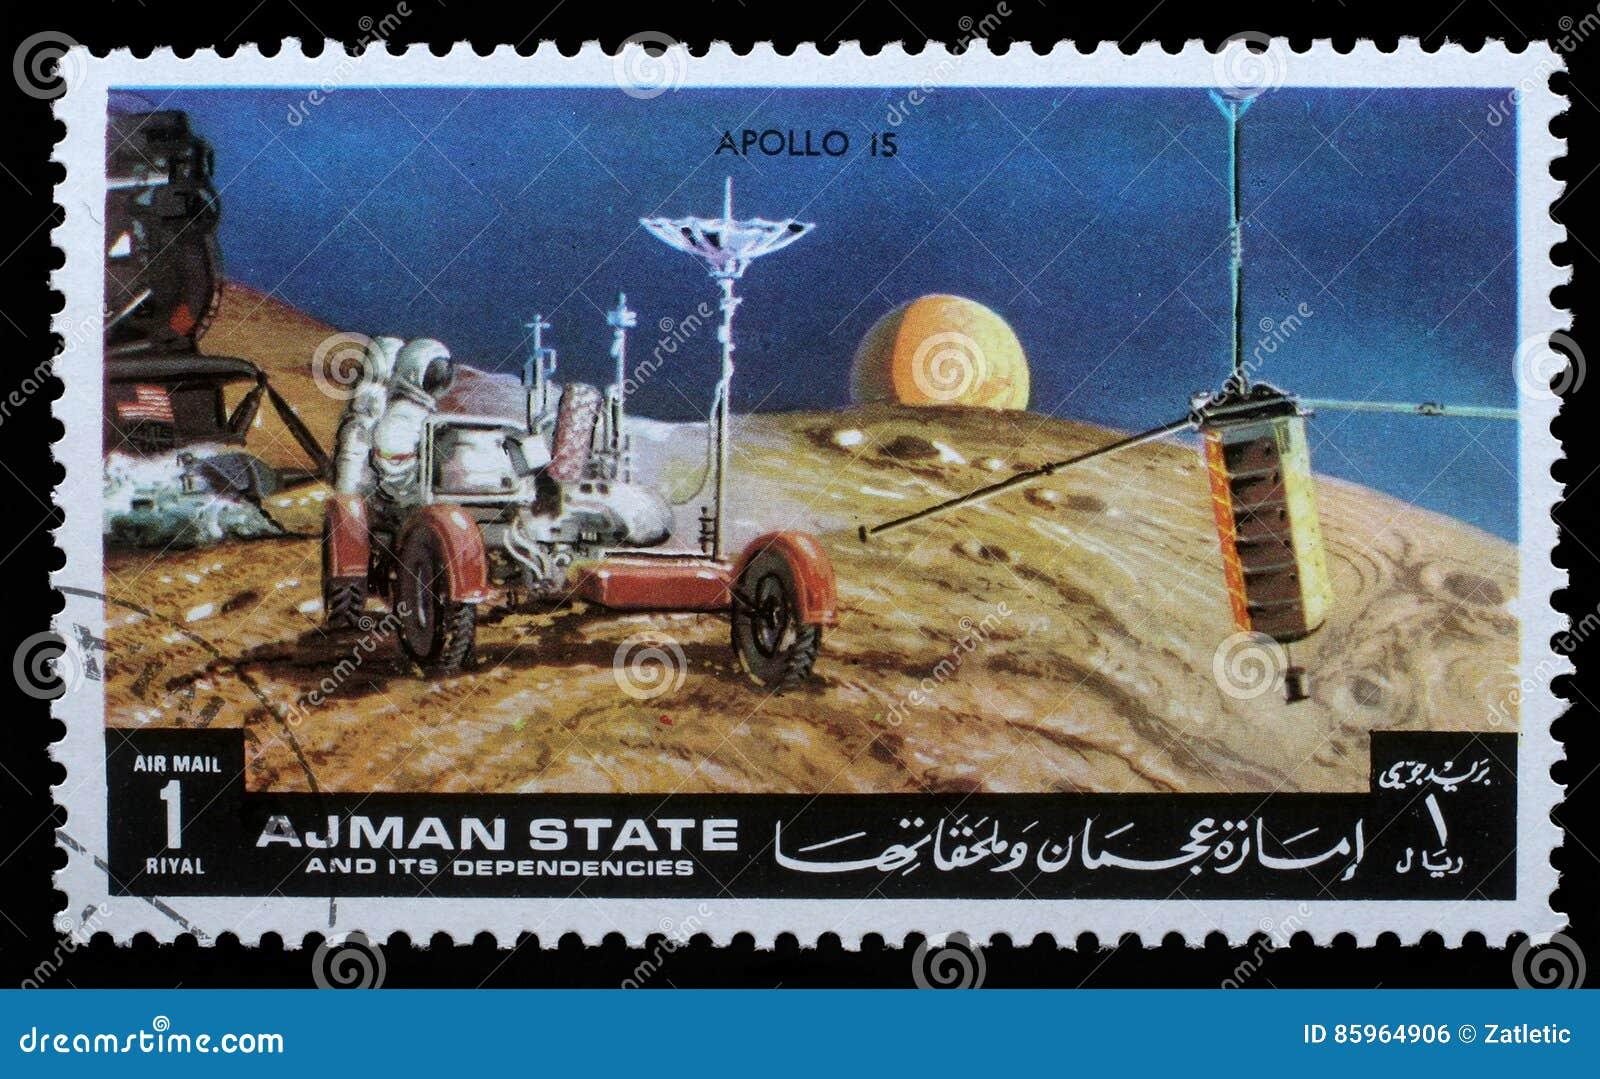 Το γραμματόσημο που τυπώνεται από Ajman παρουσιάζει απόλλωνα 15 - τηλεοπτική αναμετάδοση